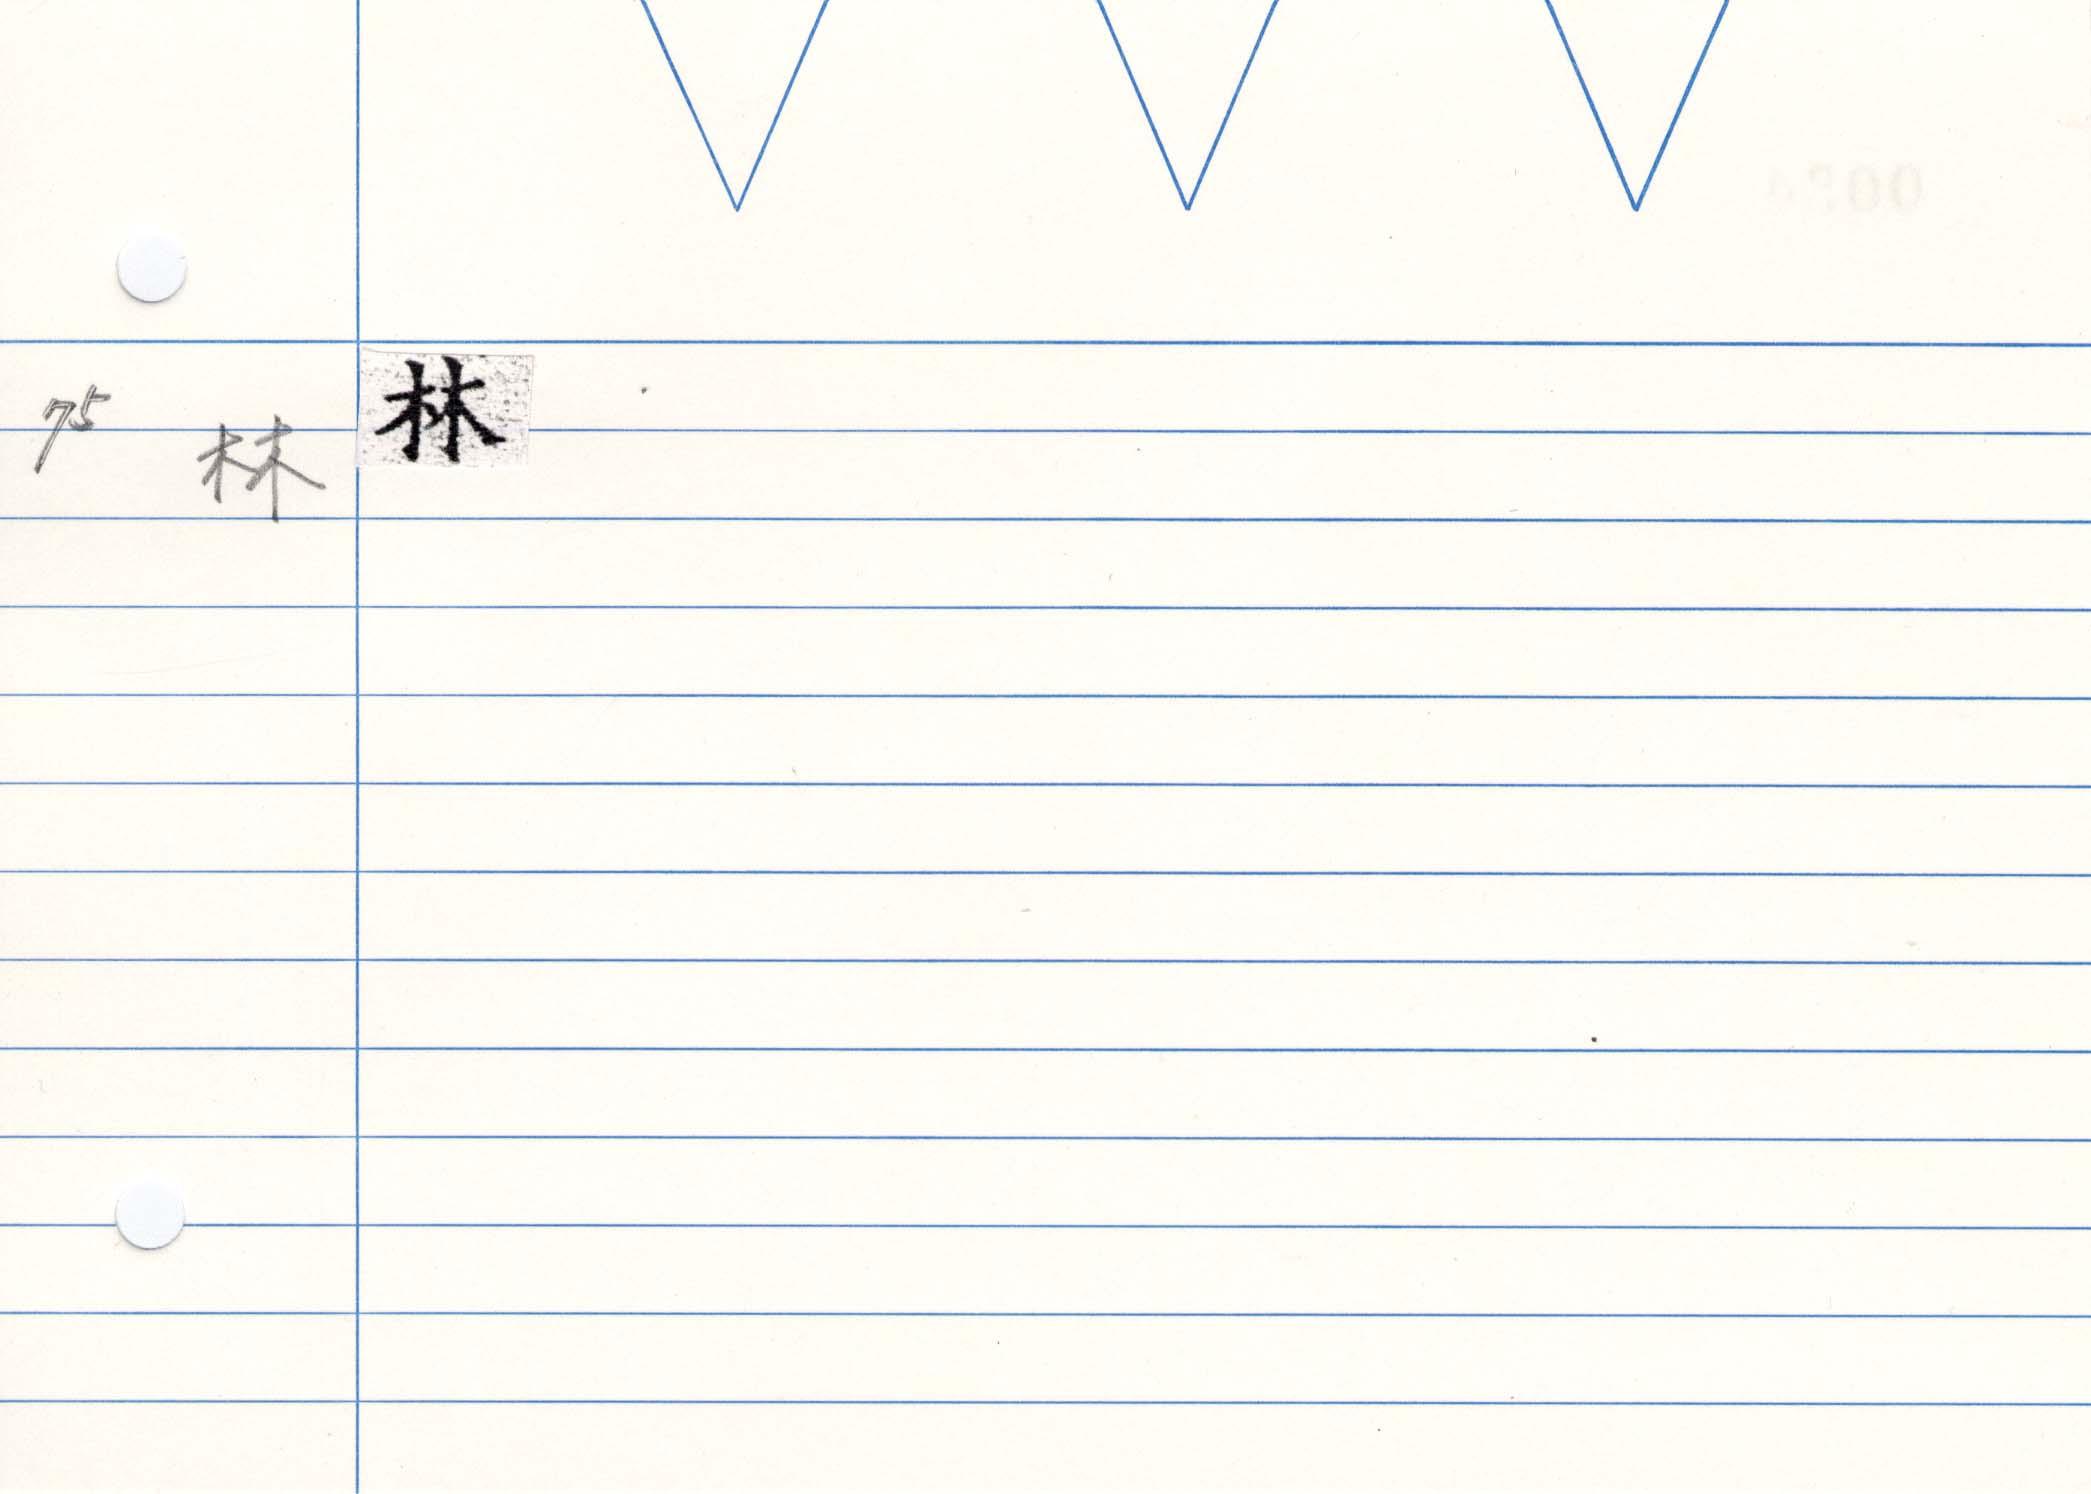 28_華嚴孔目(高山寺本)/cards/0084.jpg